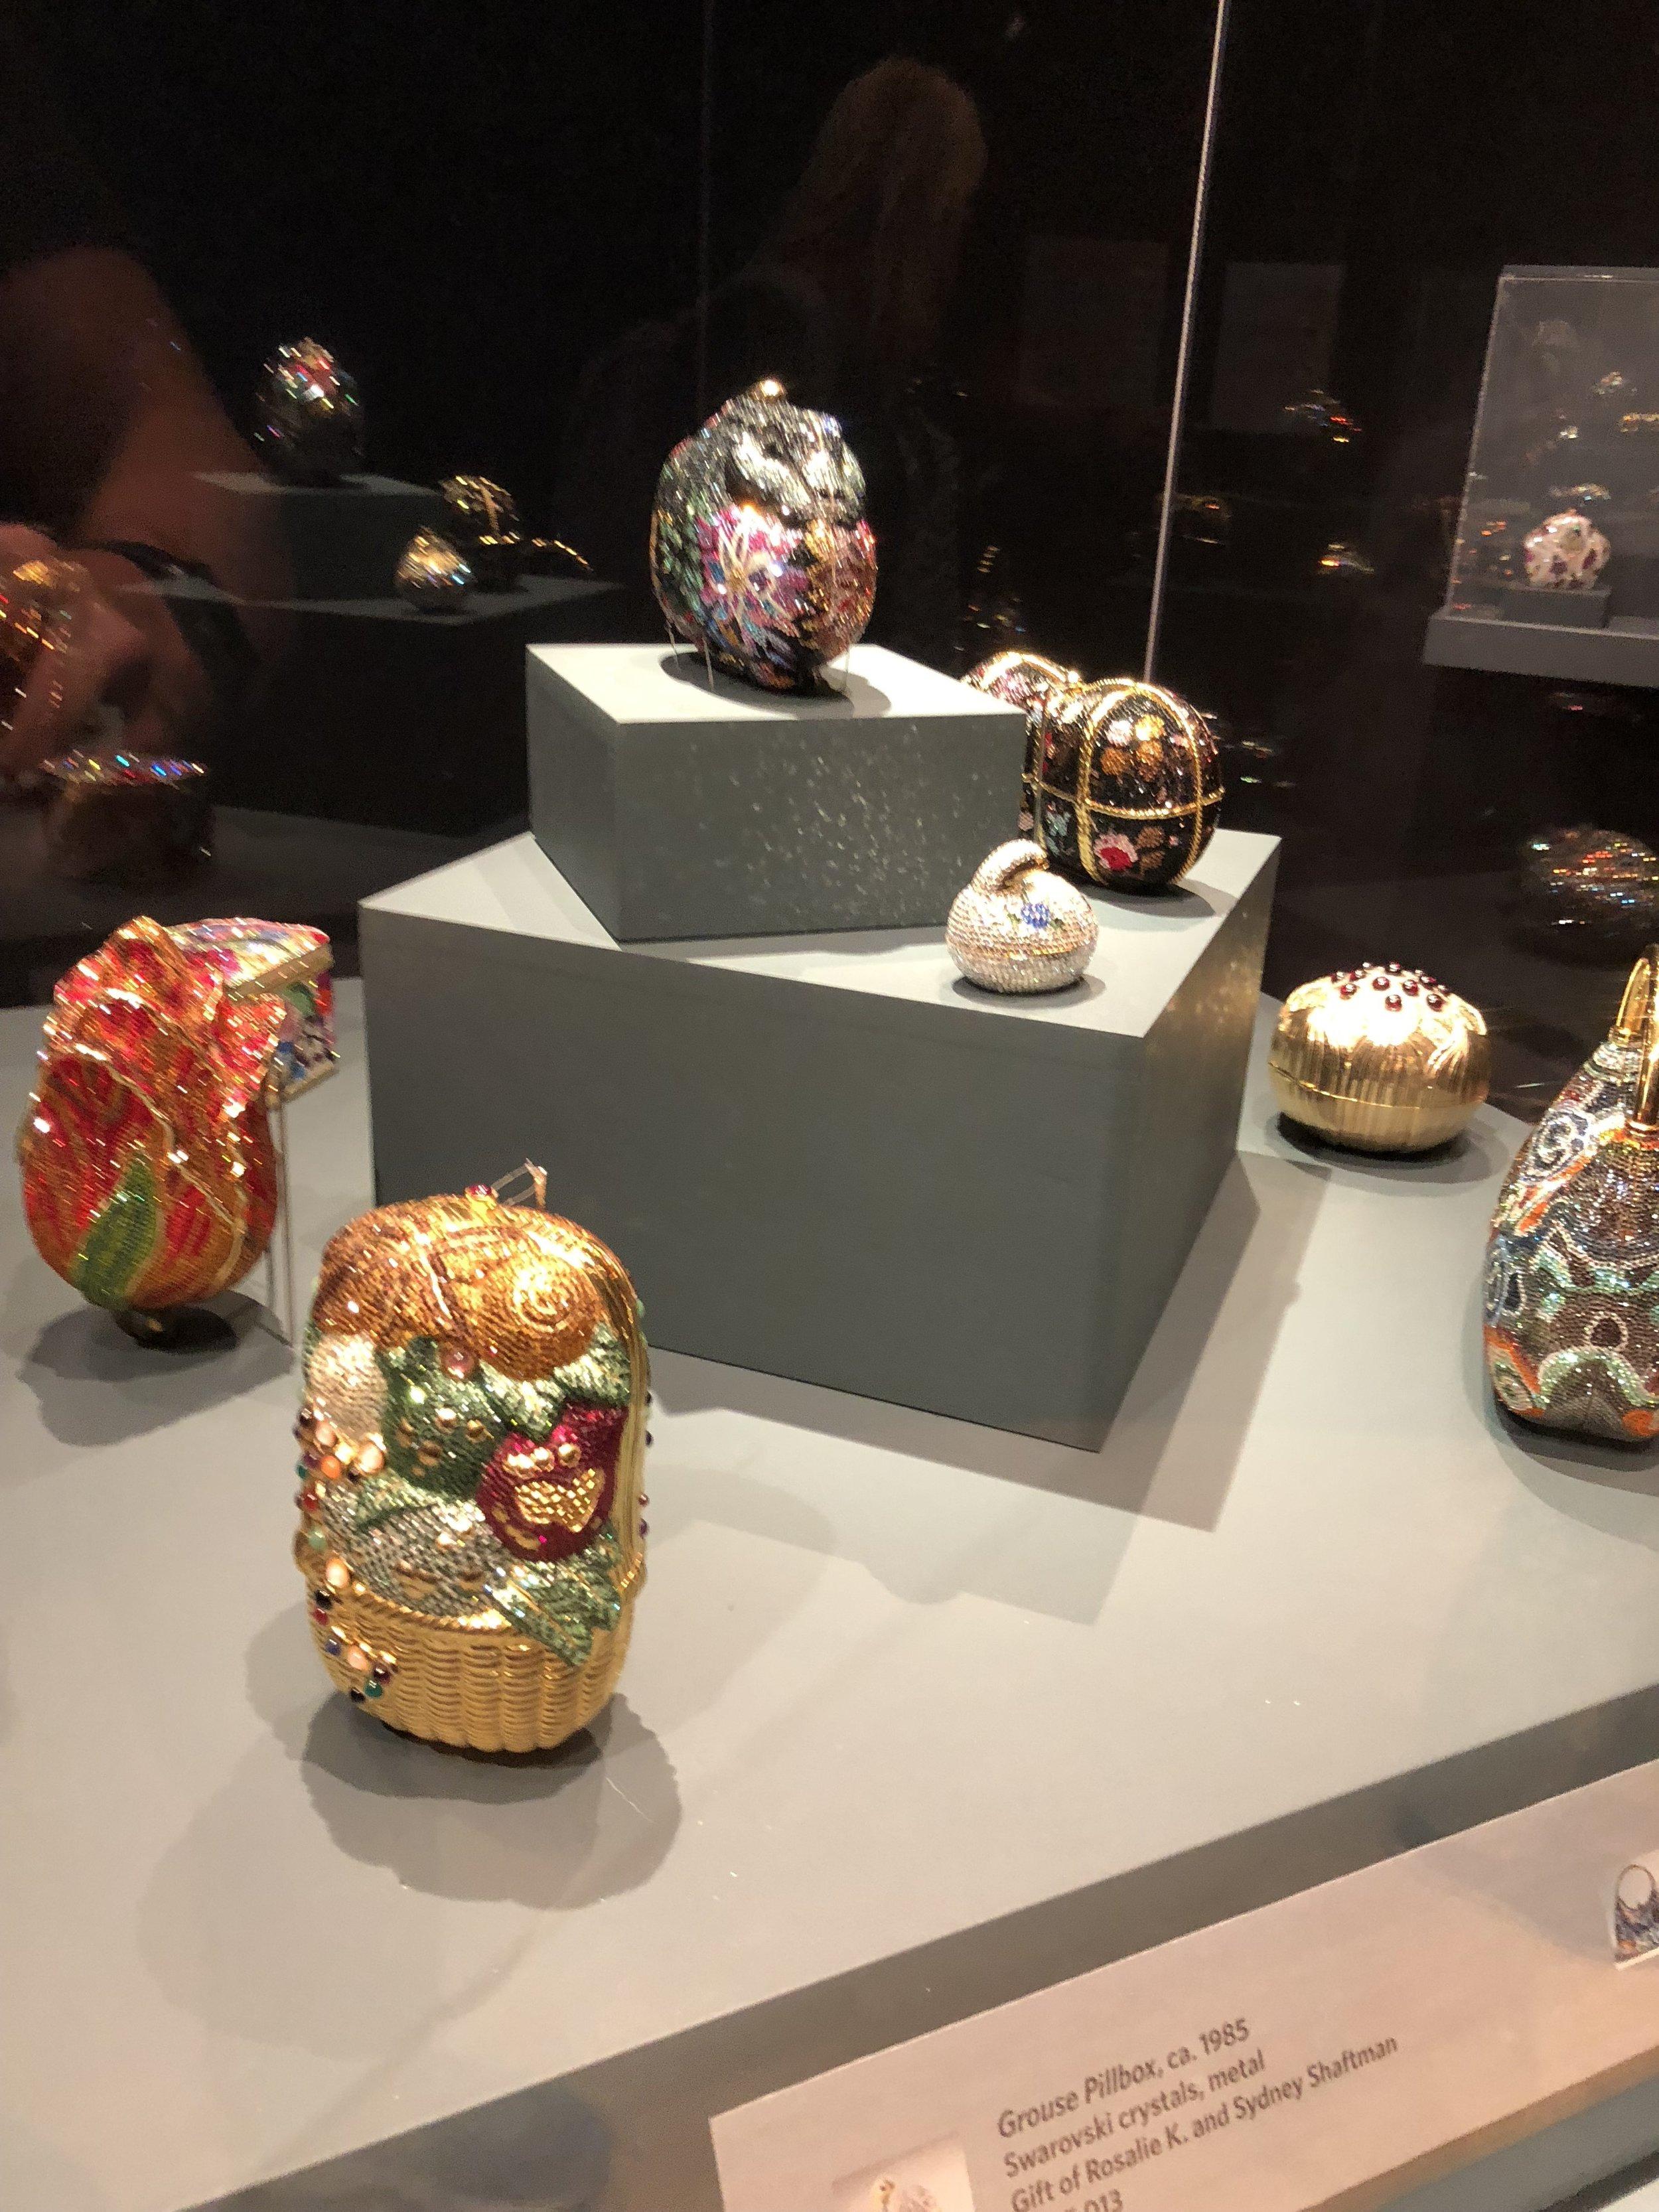 TAUBMANN MUSEUM OF ART